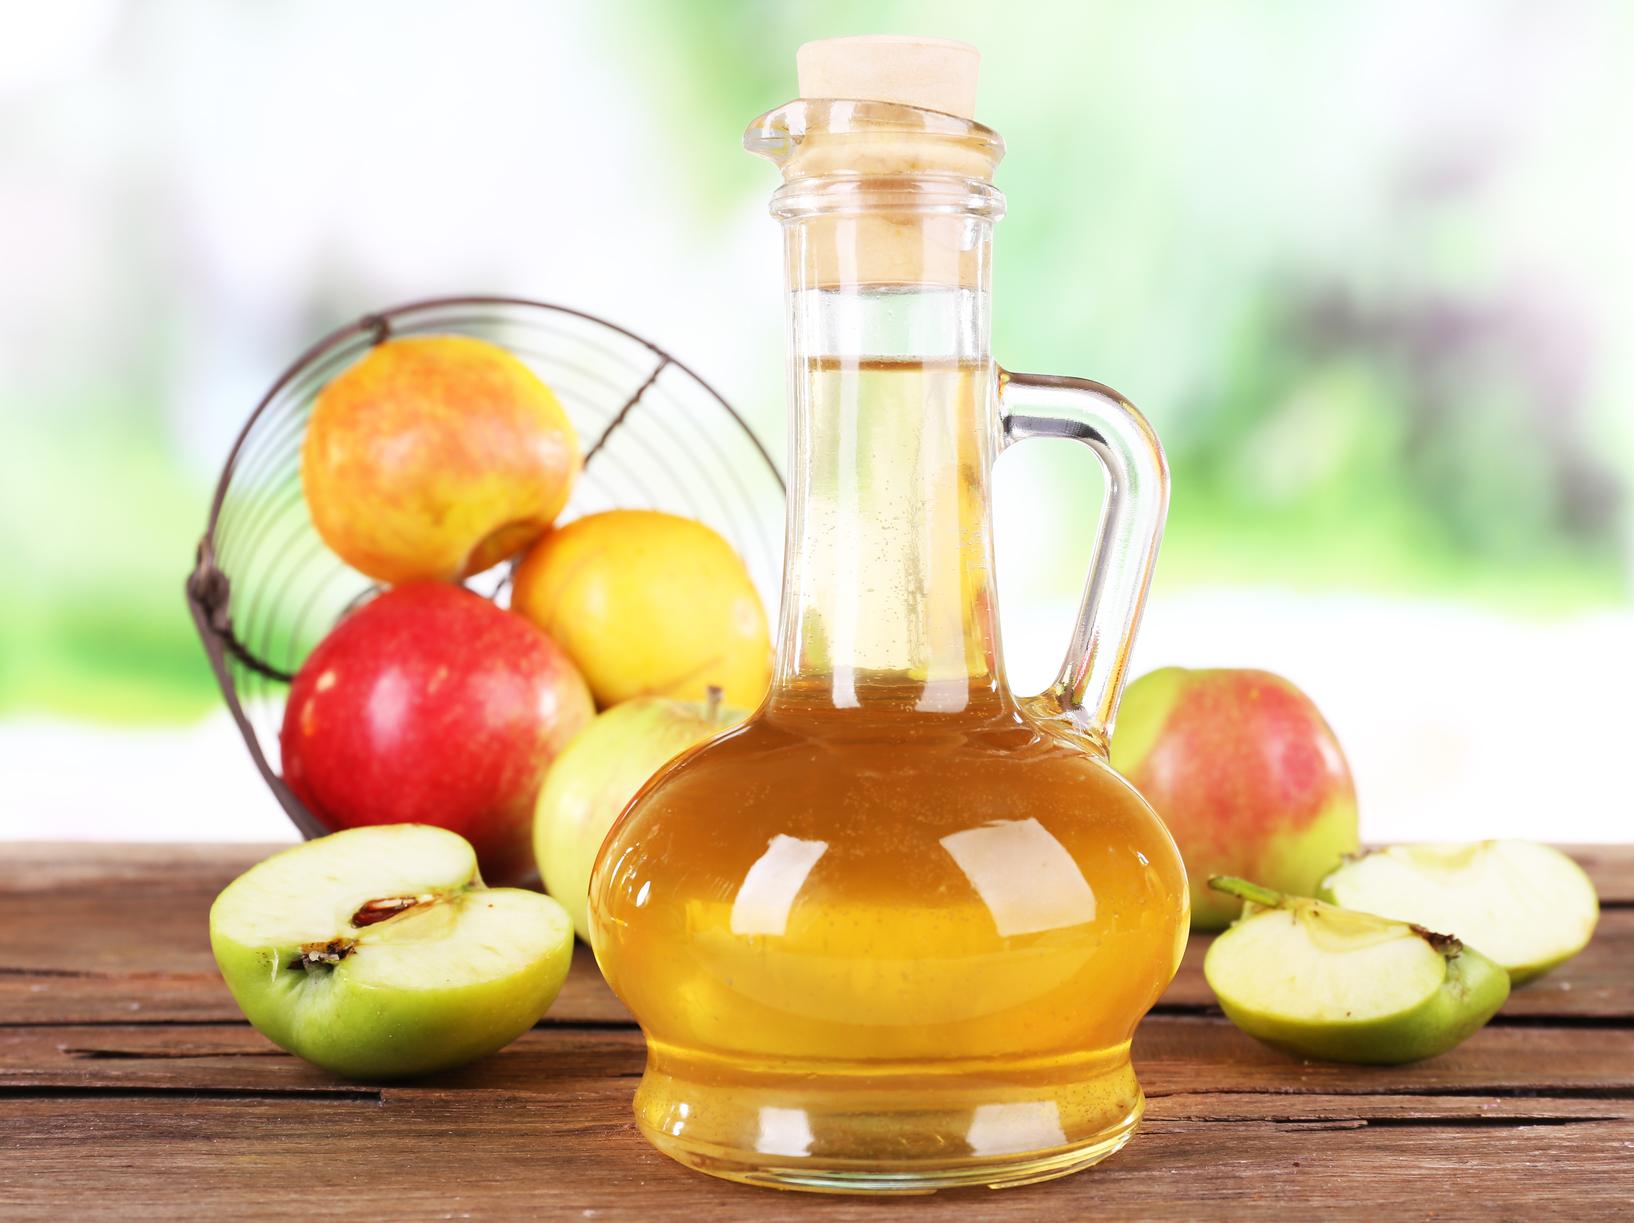 Как принимать яблочный уксус при сахарном диабете